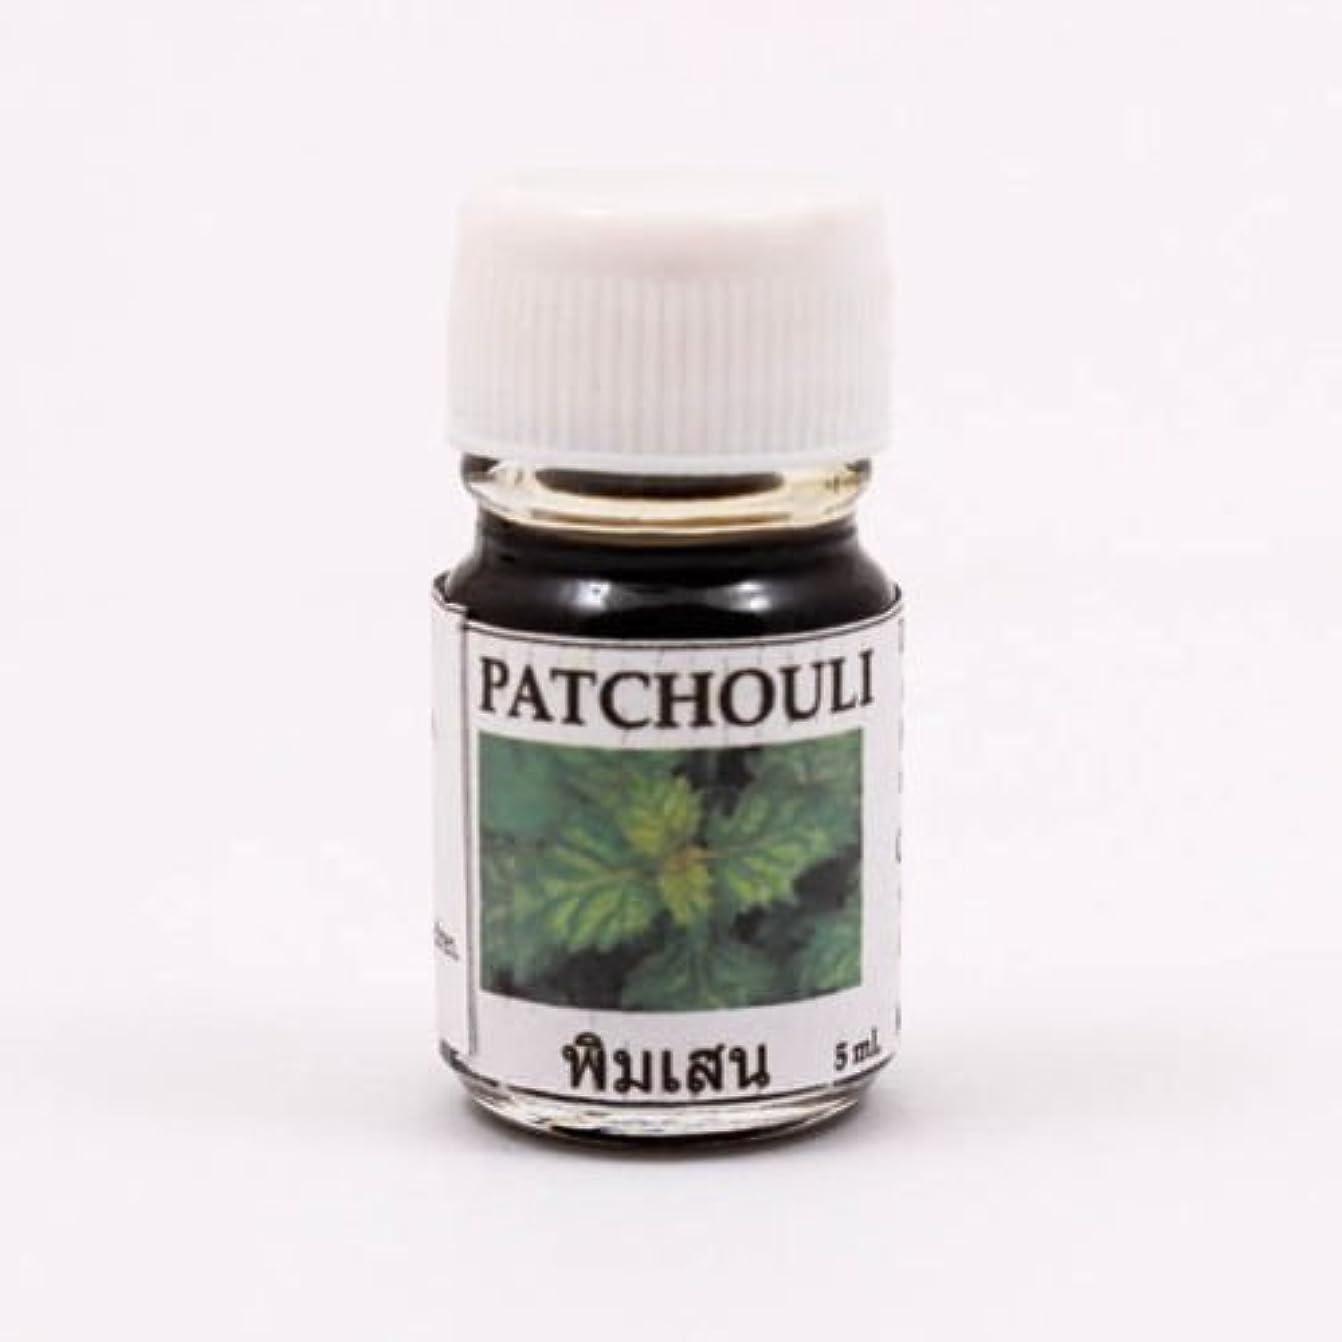 ギャザー解明笑6X Patchouli Aroma Fragrance Essential Oil 5ML. cc Diffuser Burner Therapy